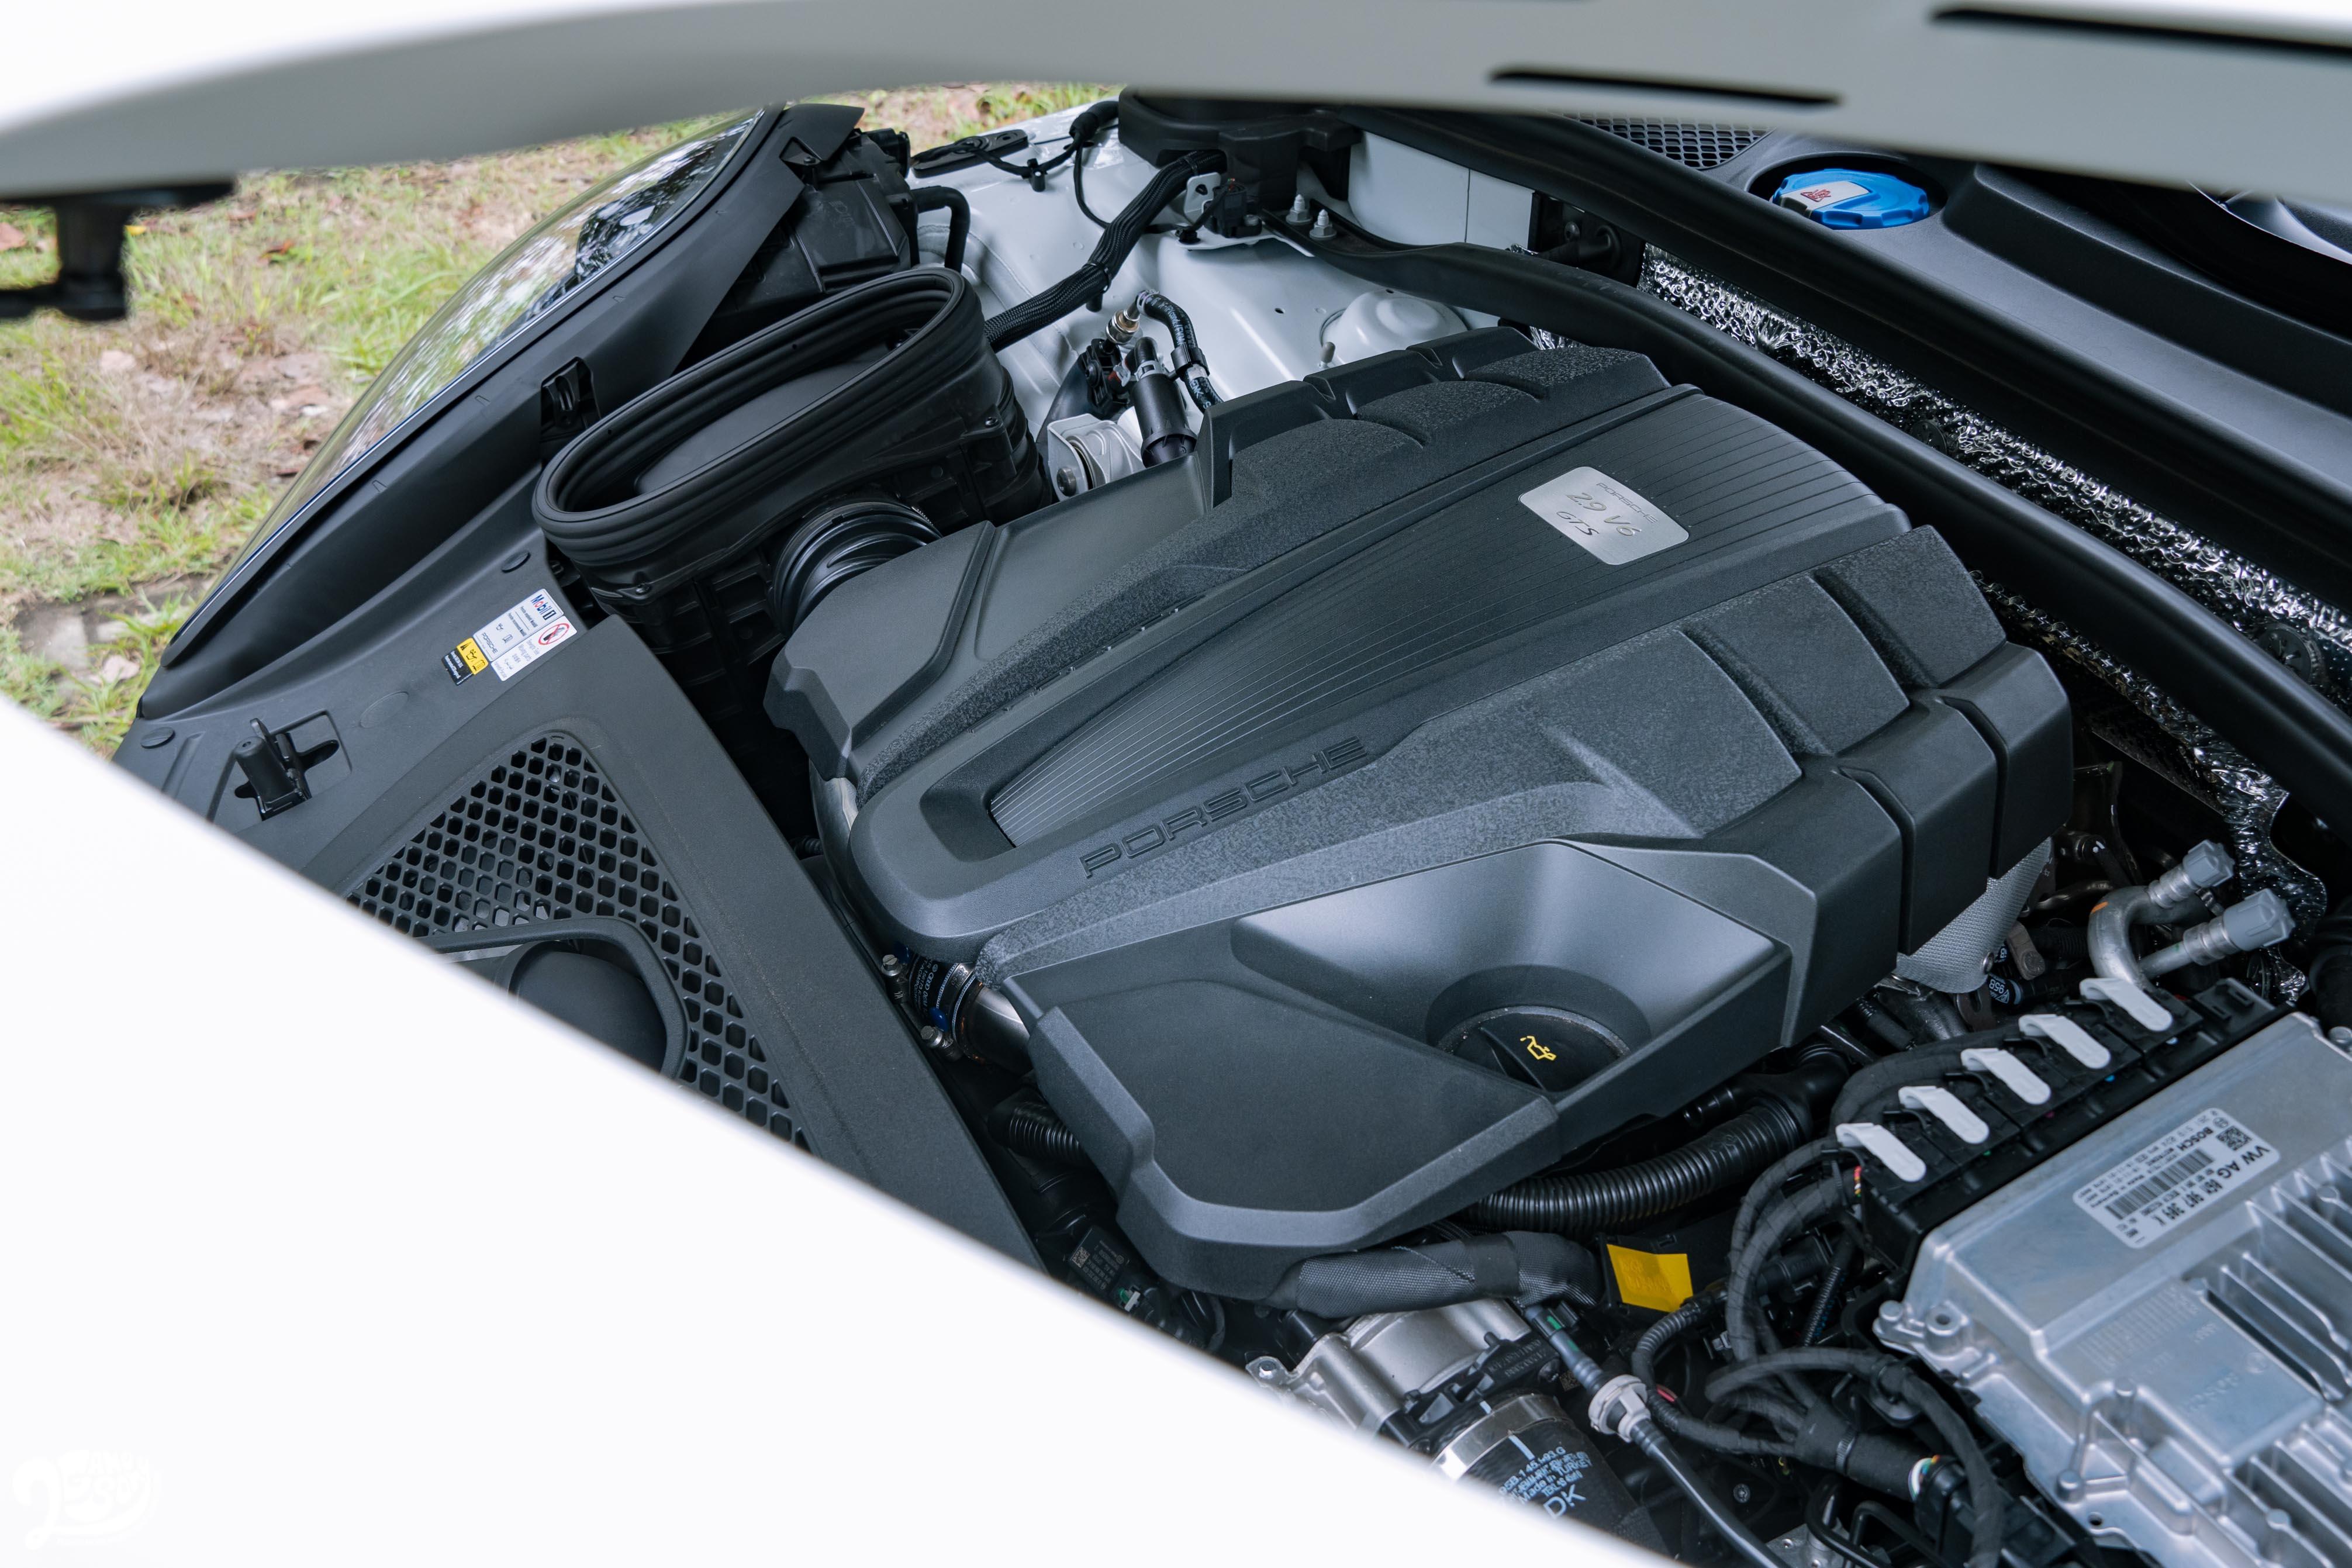 與 Macan Turbo、S 共享的 2.9 升 V6 雙渦輪引擎可輸出 380 PS 動力,扭力為 520 牛頓米。